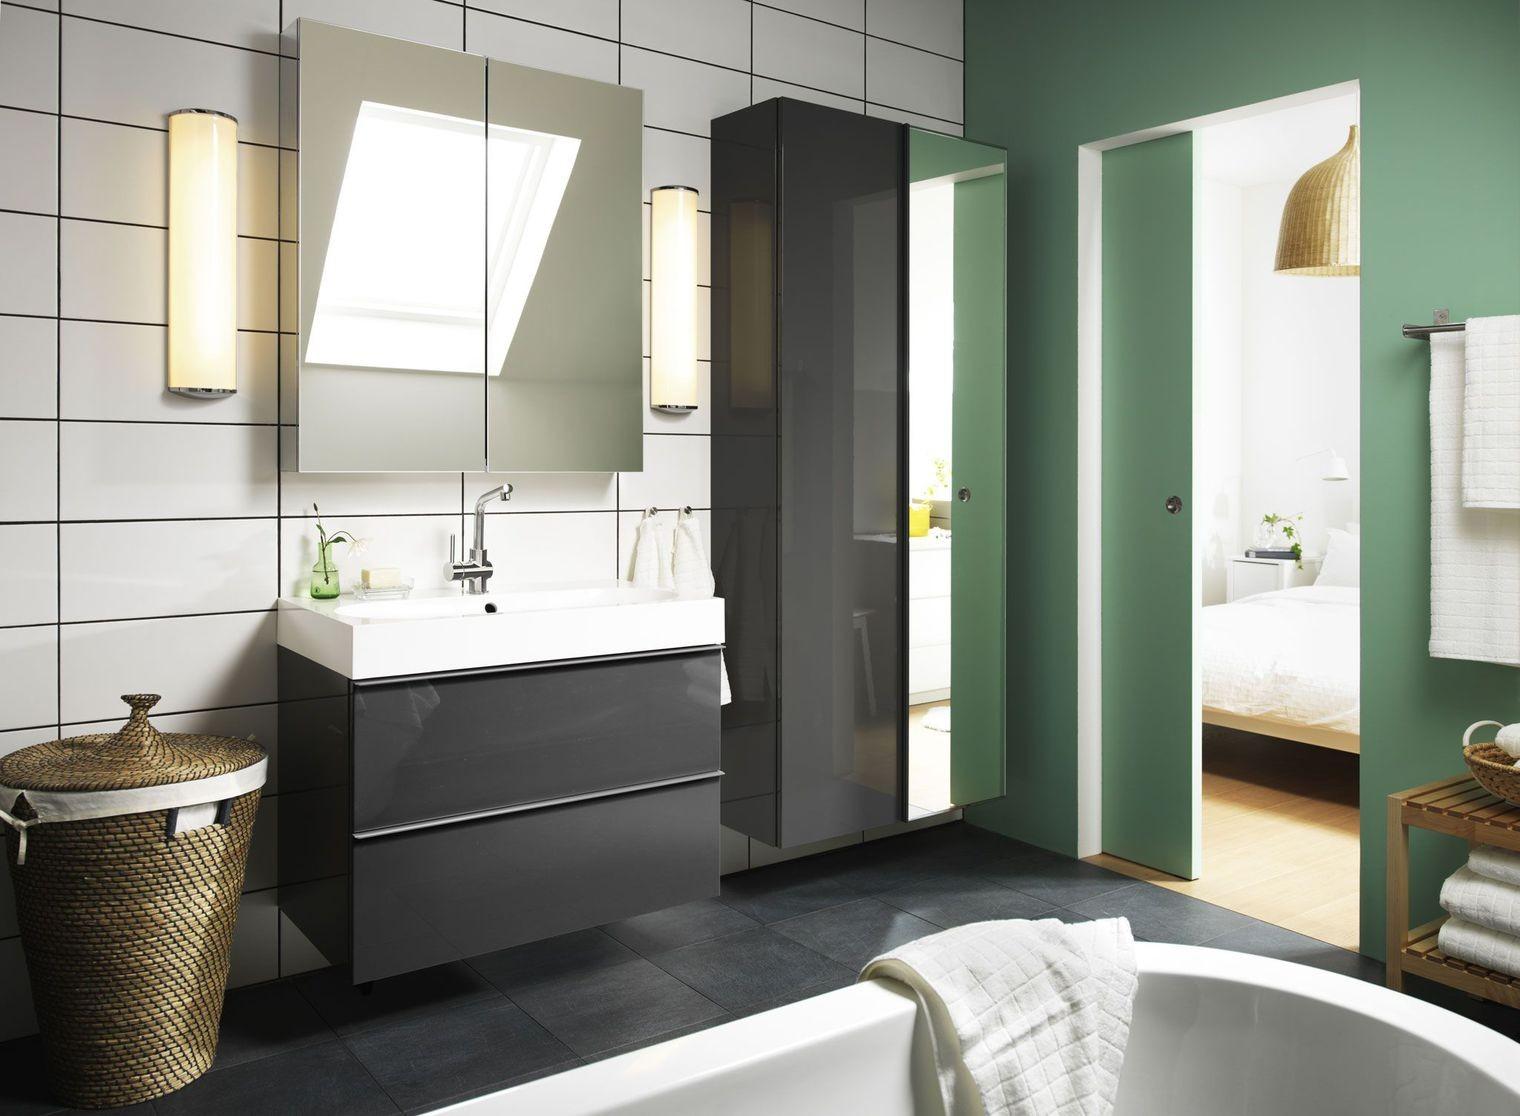 armoire salle de bain ikea armoire id es de d coration